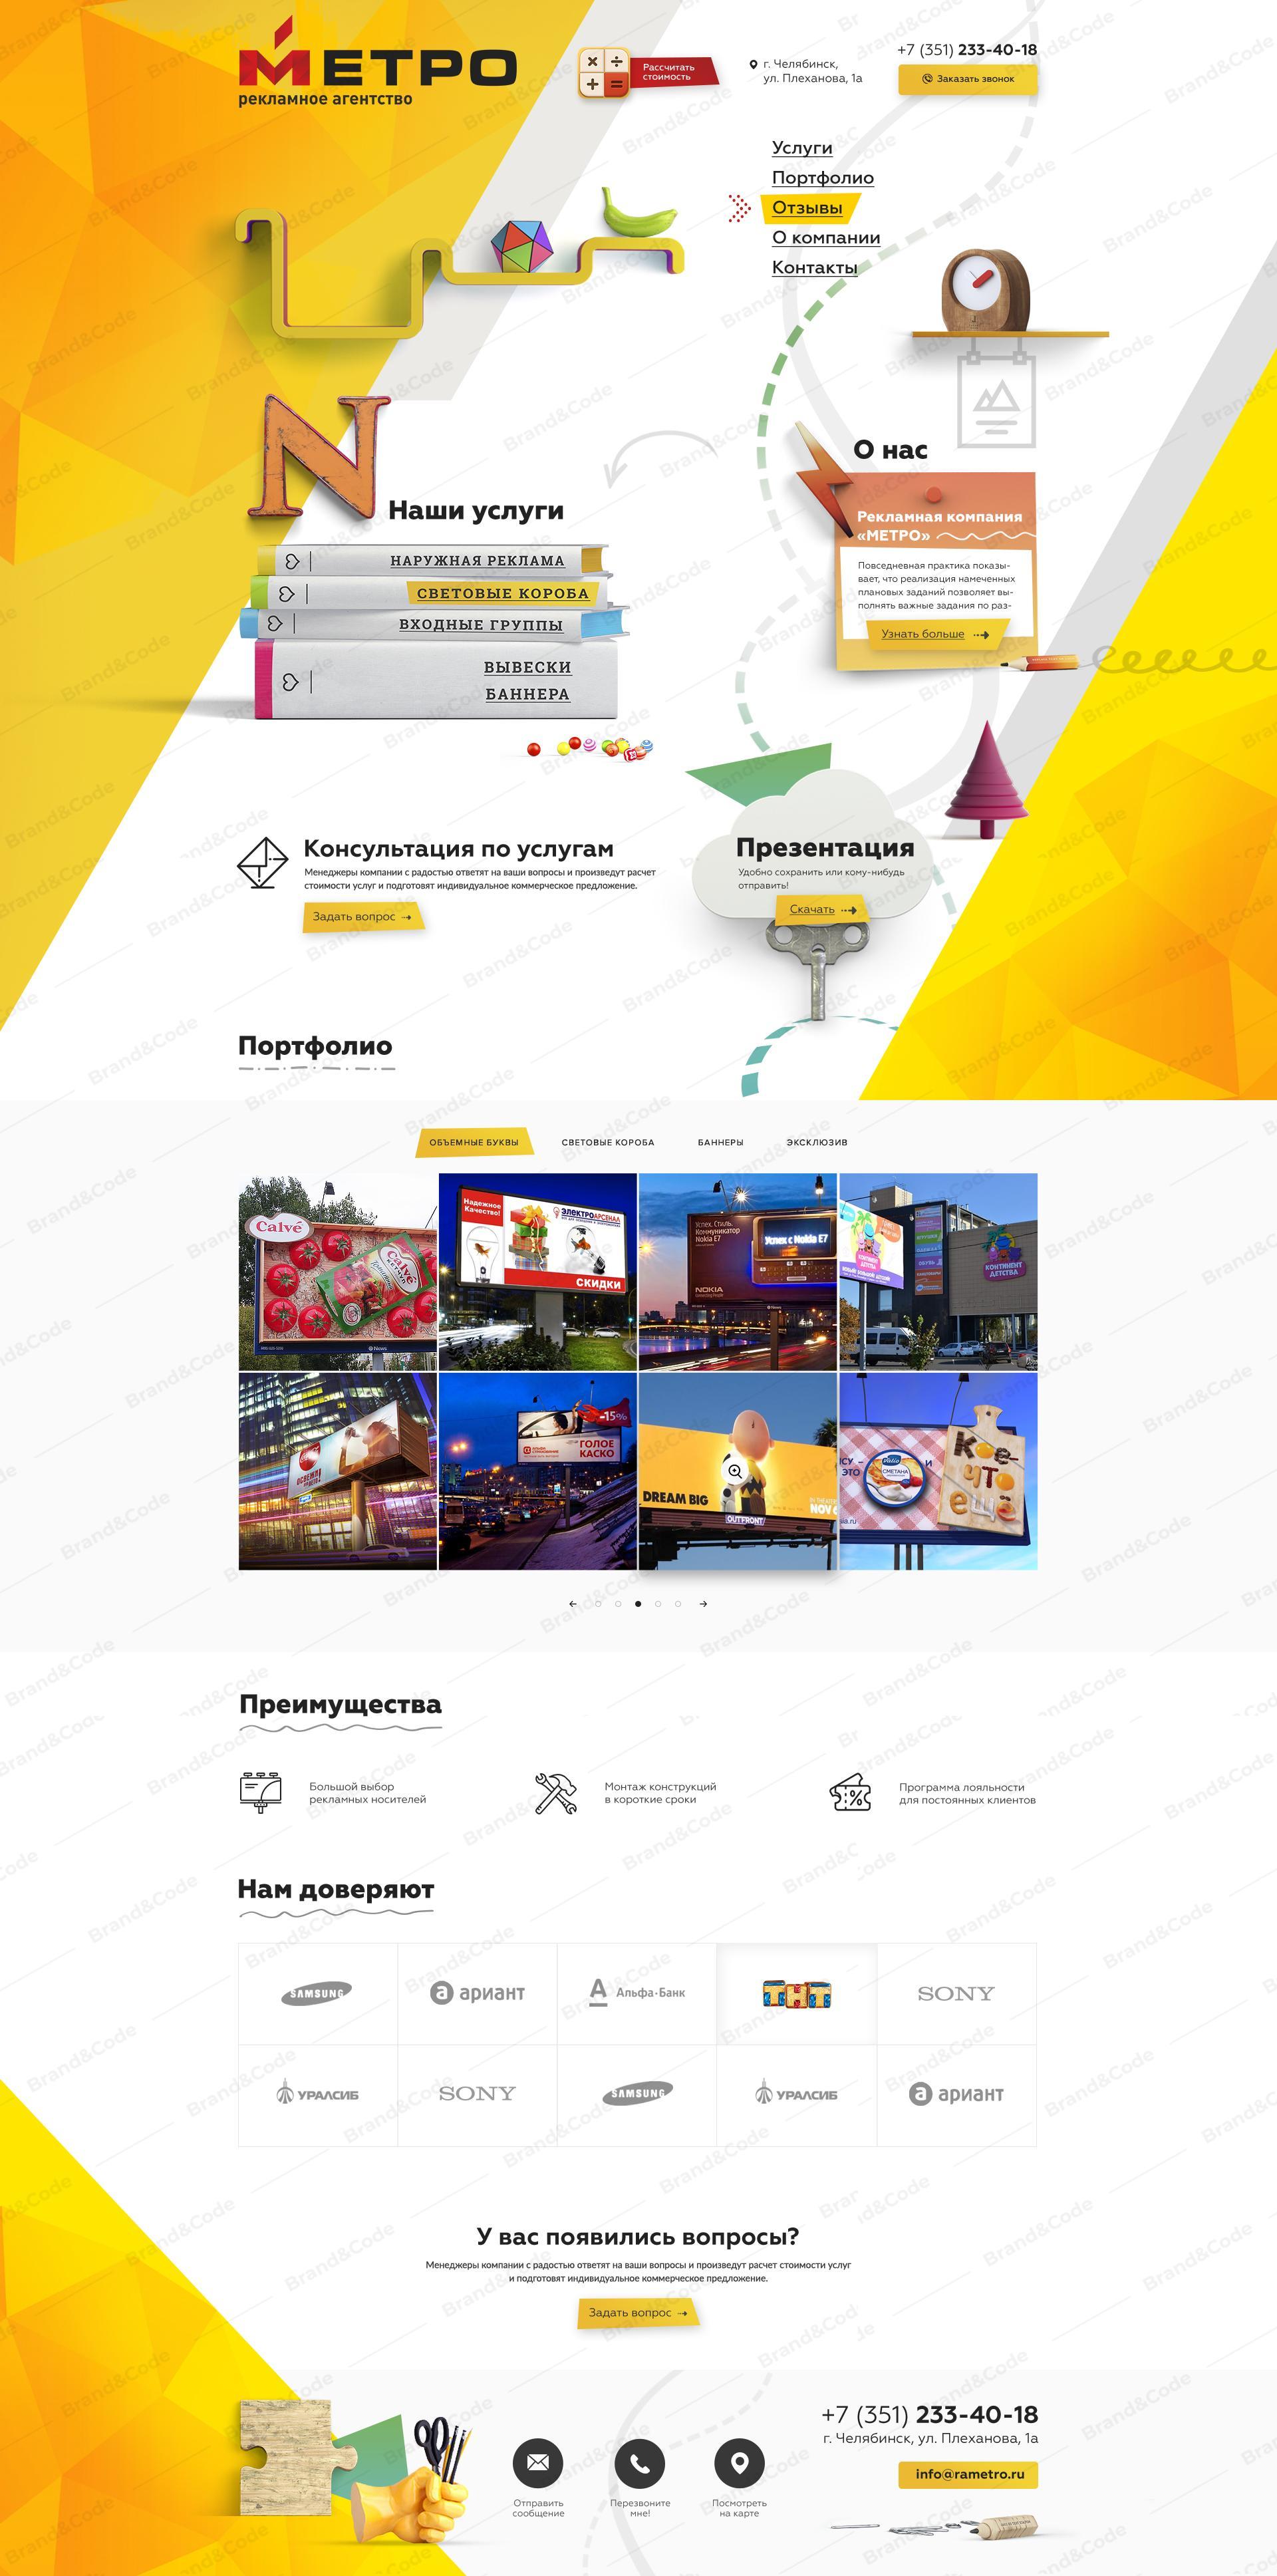 Метро - рекламное агентство эксклюзивный корпоративный сайт услуг